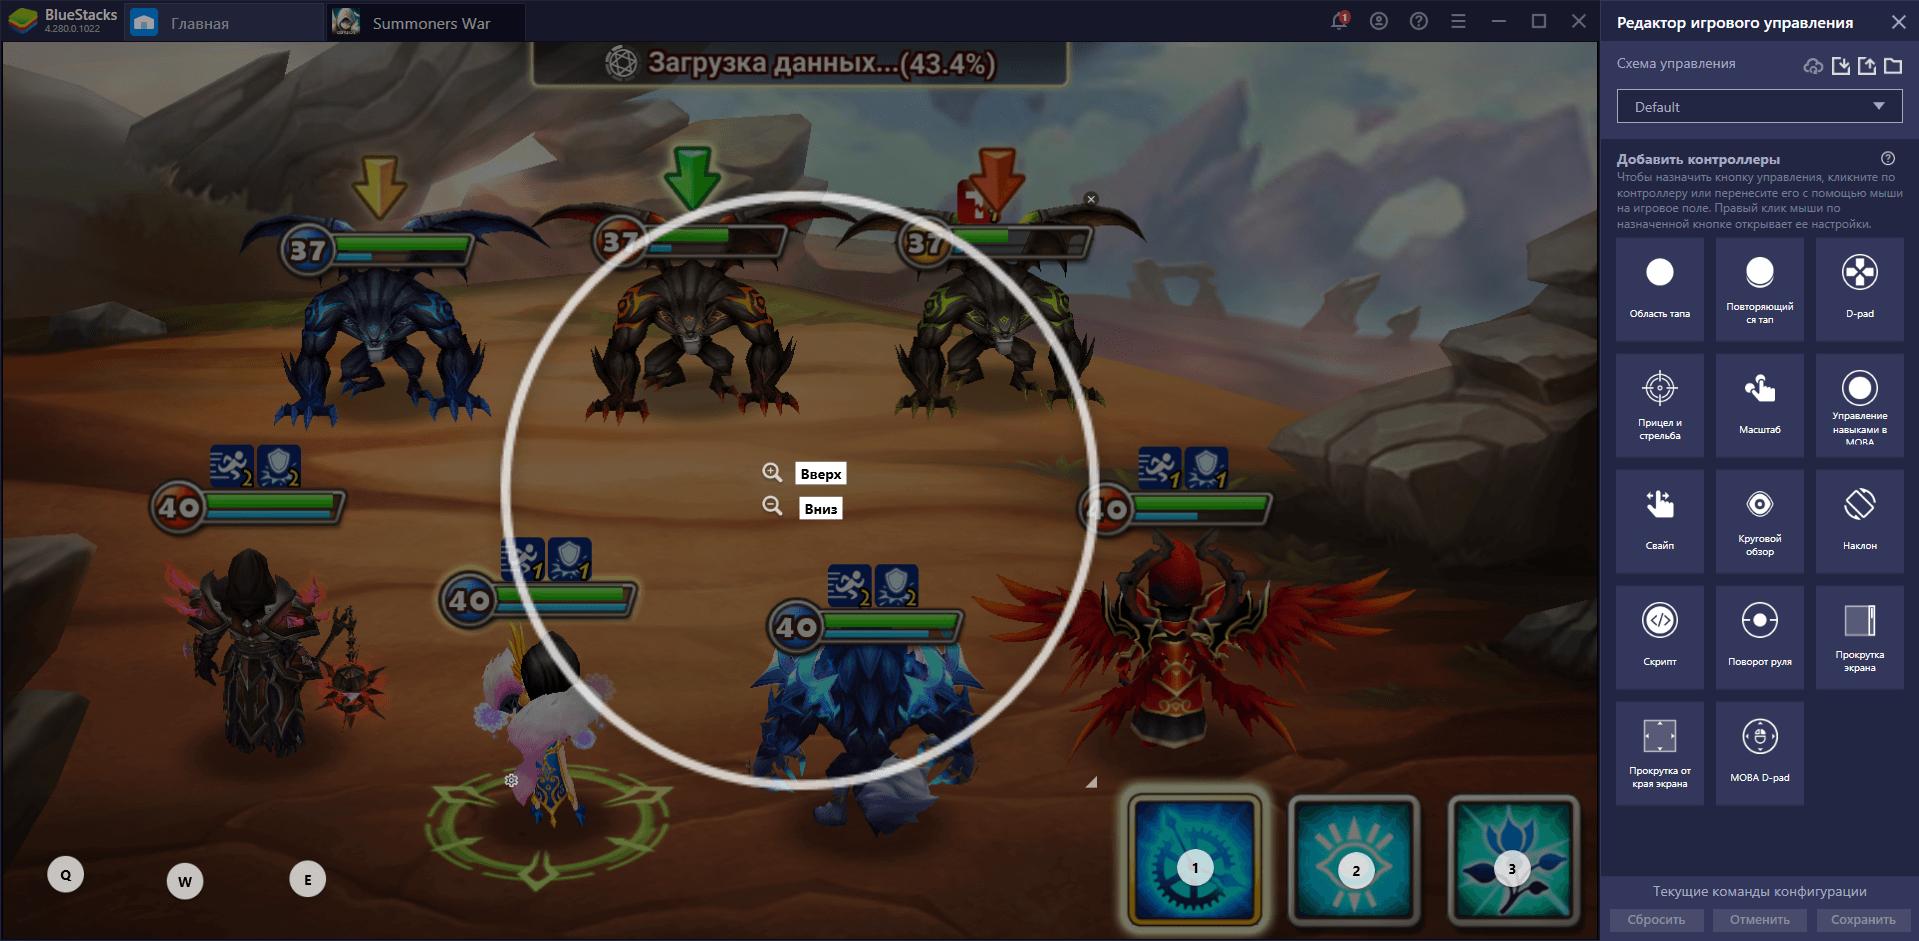 Инструменты BlueStacks, повышающие эффективность игры в Summoners' War на ПК